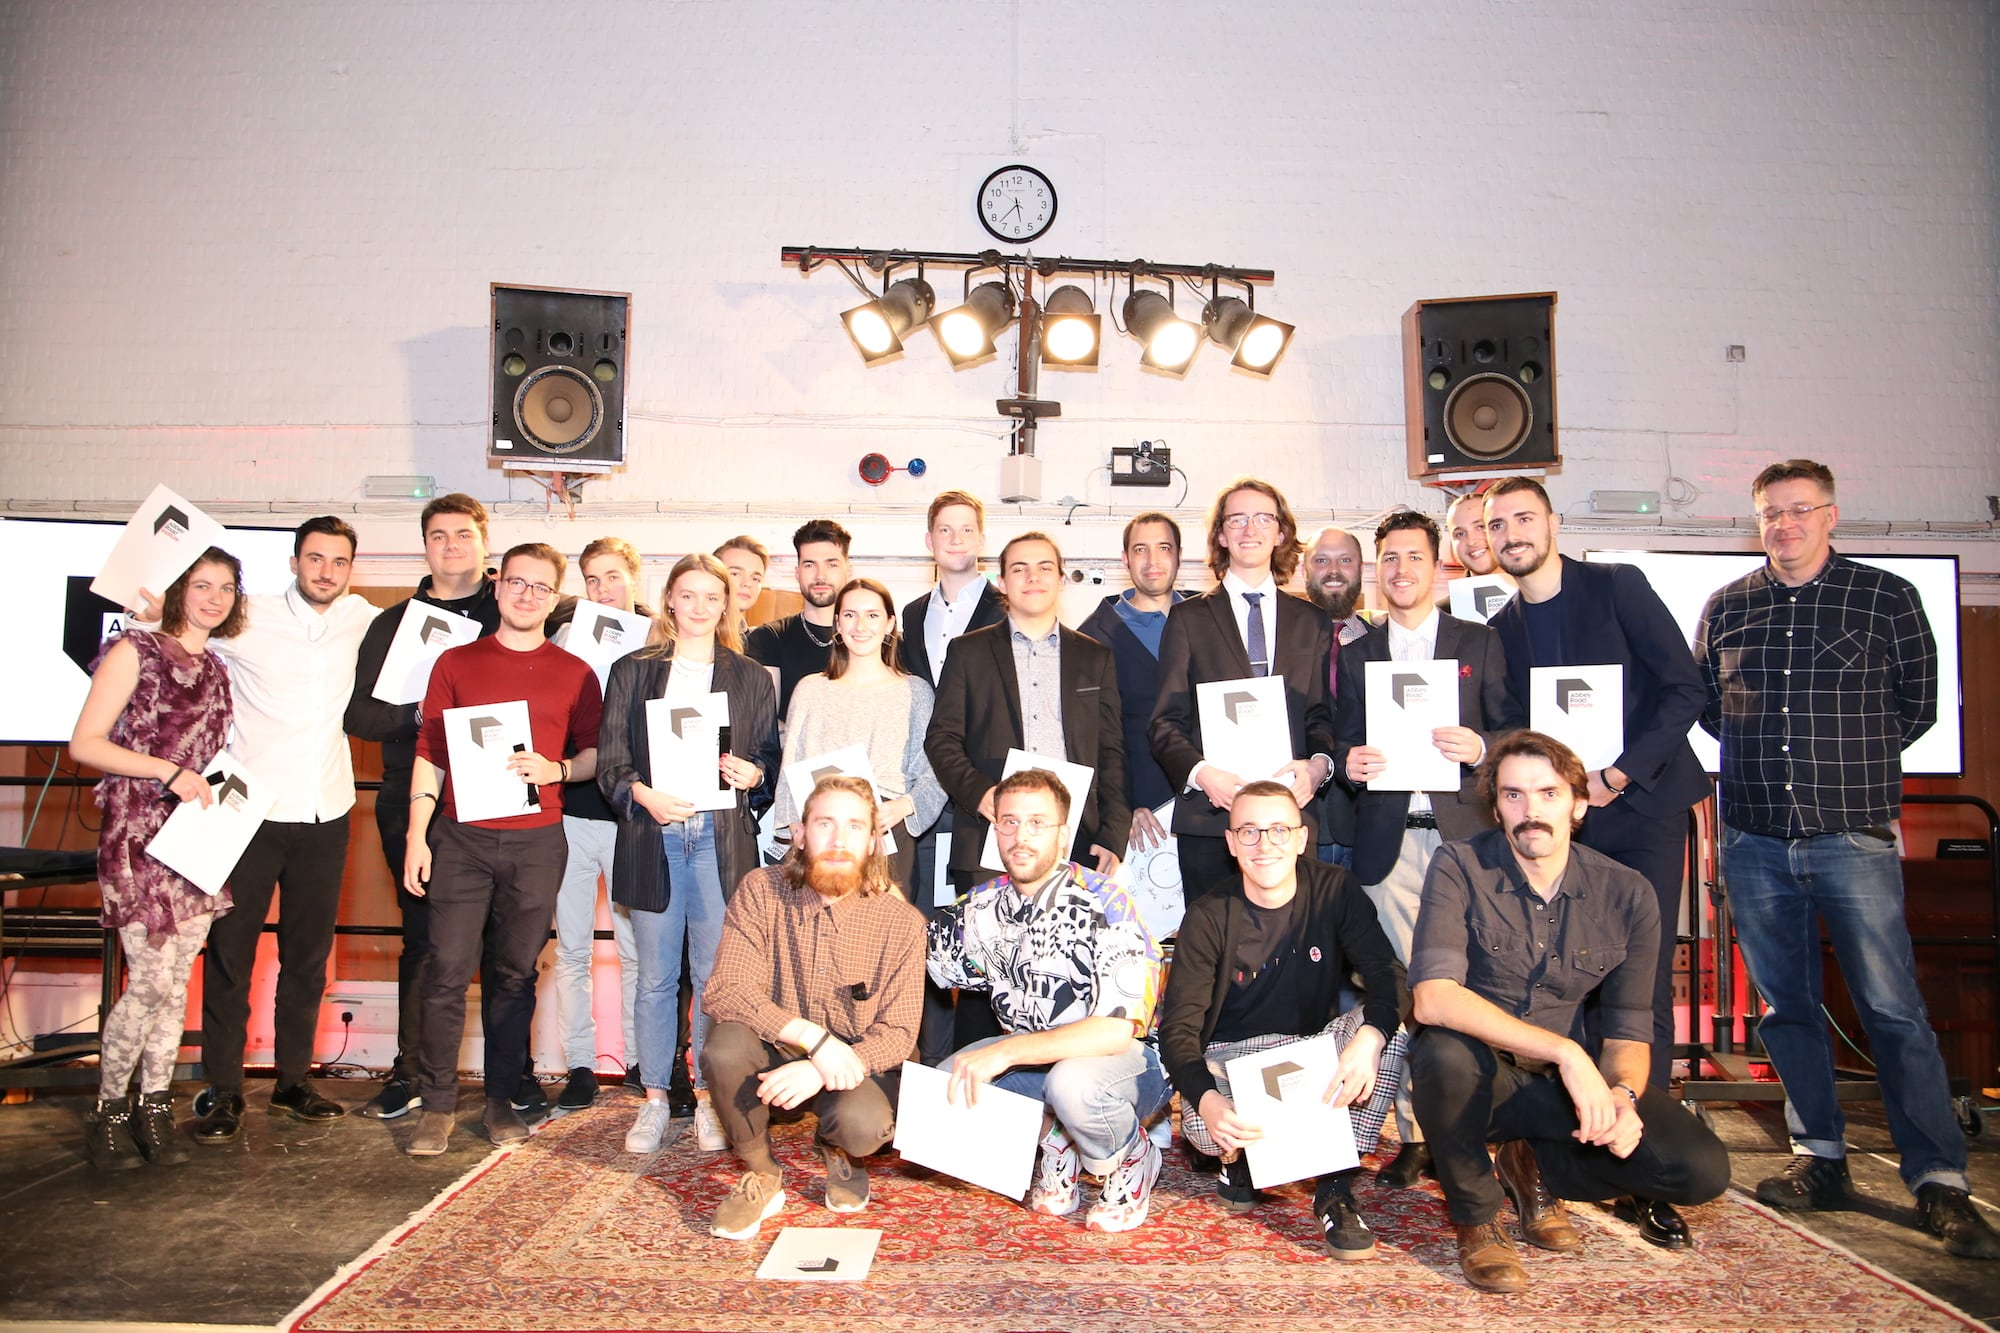 Gruppenbild der Abbey Road Institute Berlin Studenten in den Abbey Road Studios